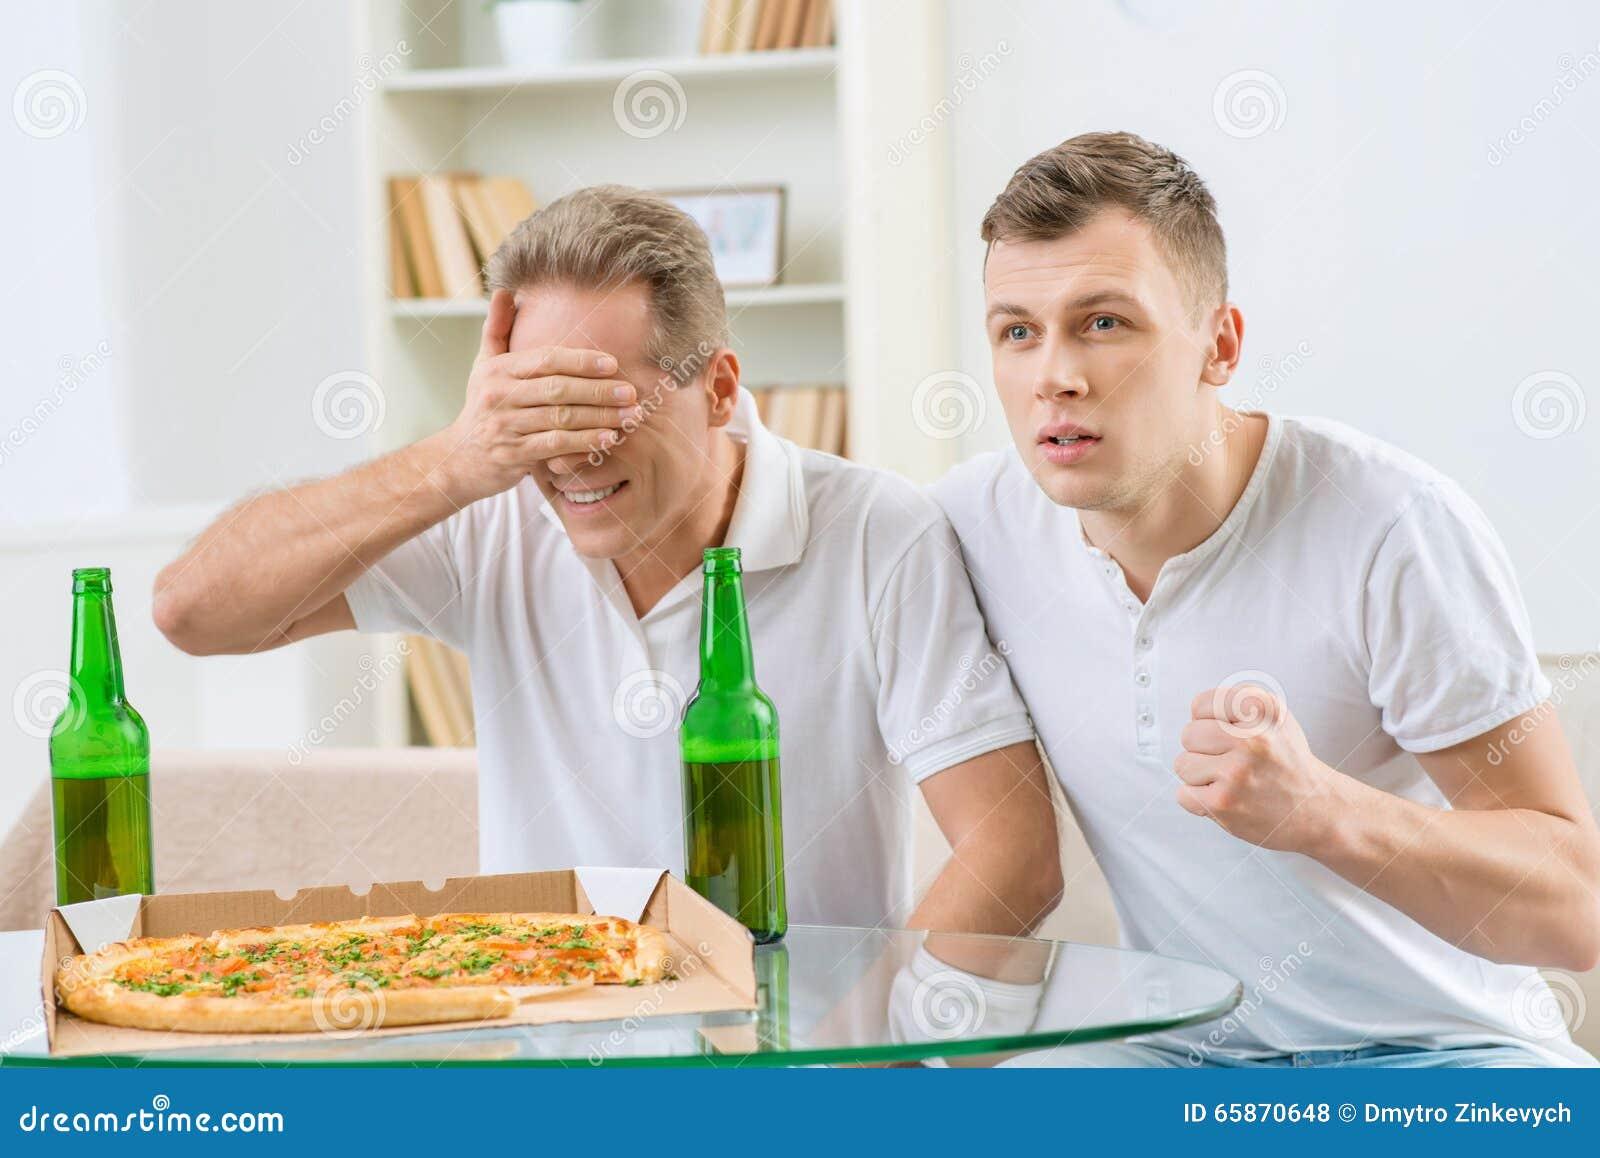 Папа пьет каждый день что делать